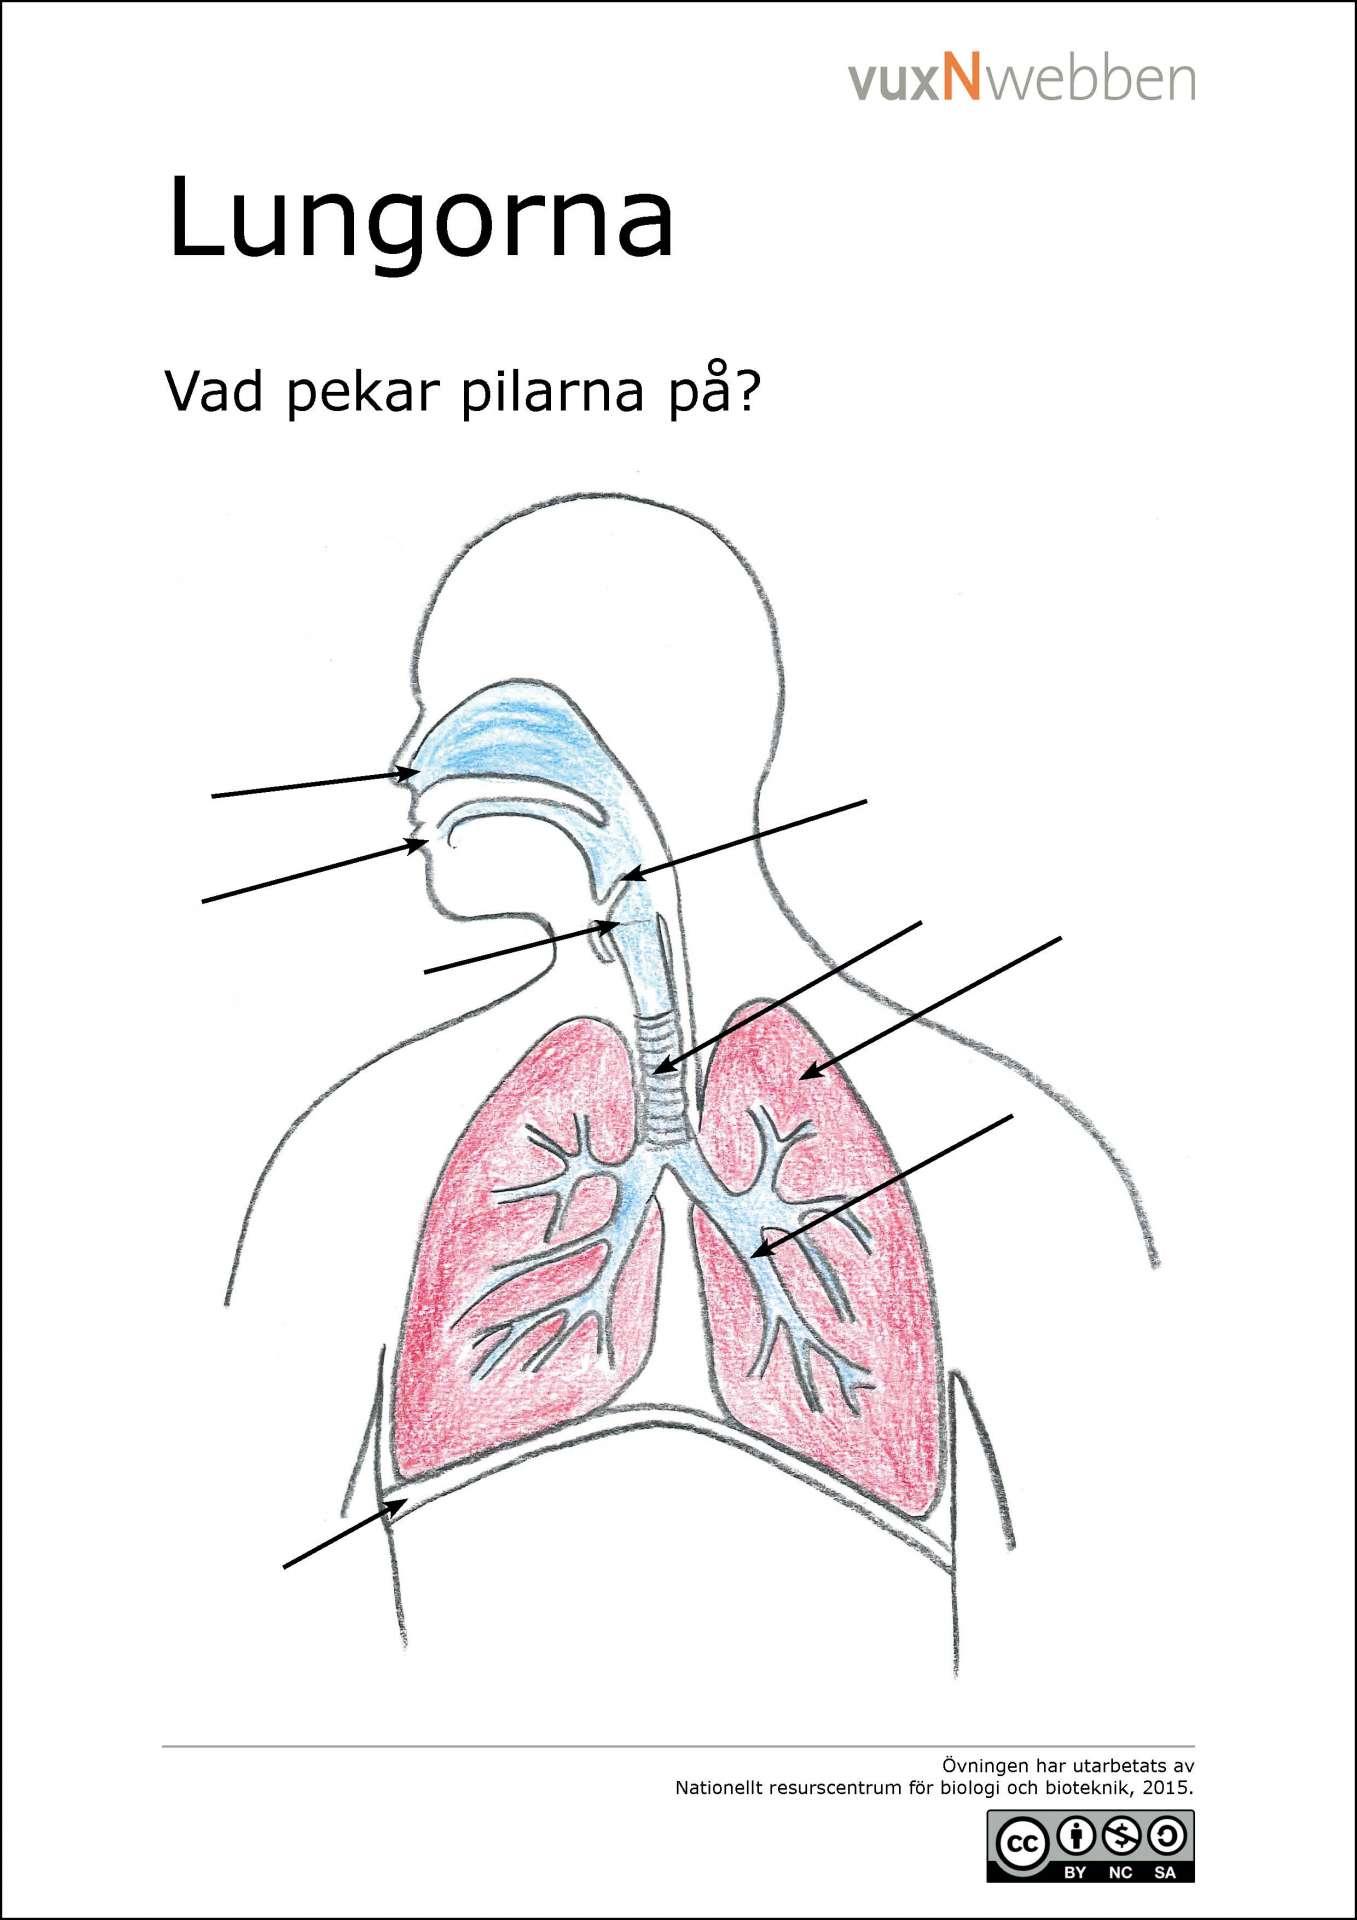 kliar i lungorna